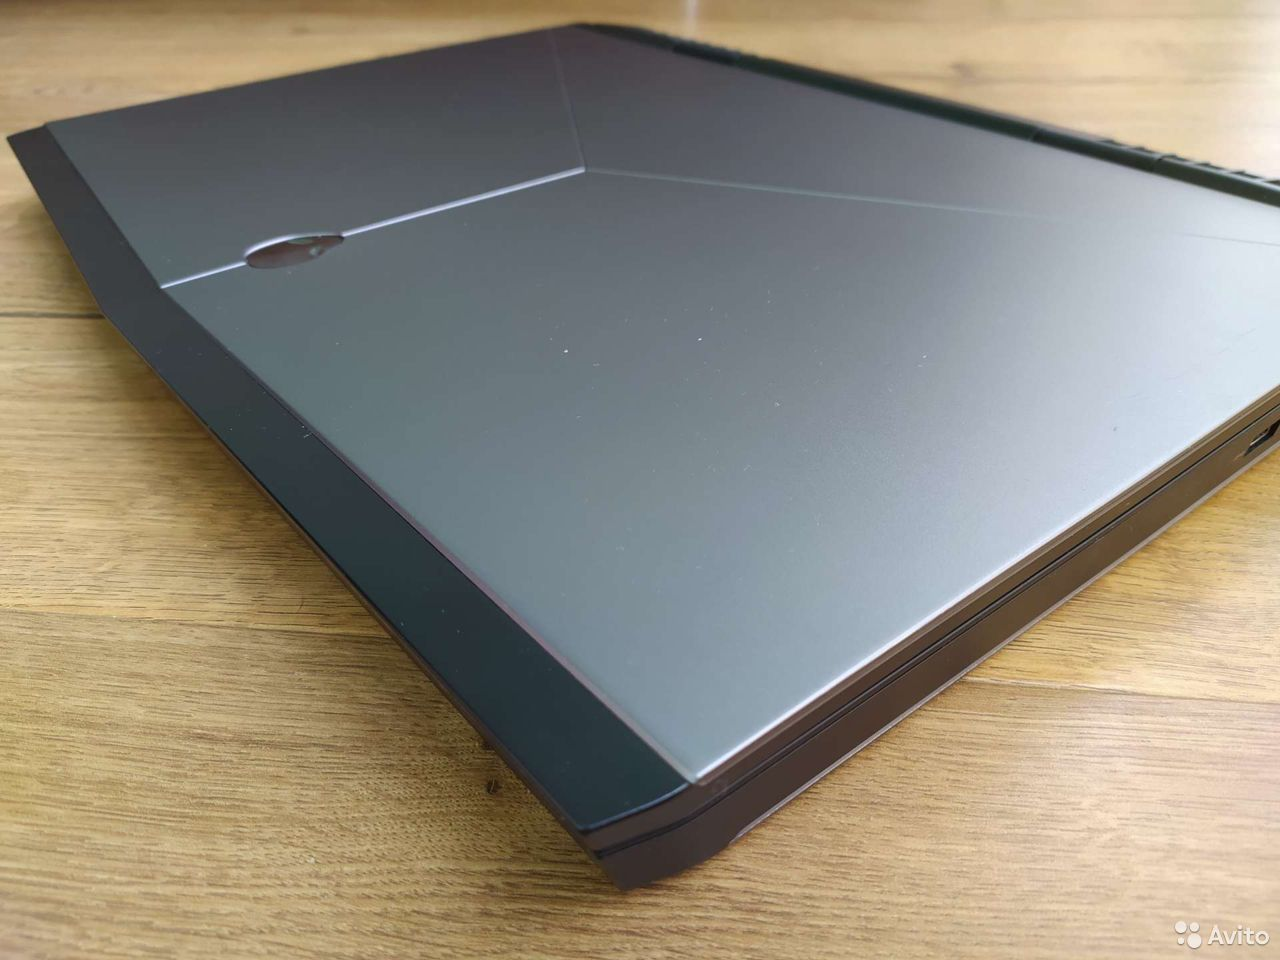 Alienware 17 R4 i7-6700HQ GTX1070  89141561589 купить 3